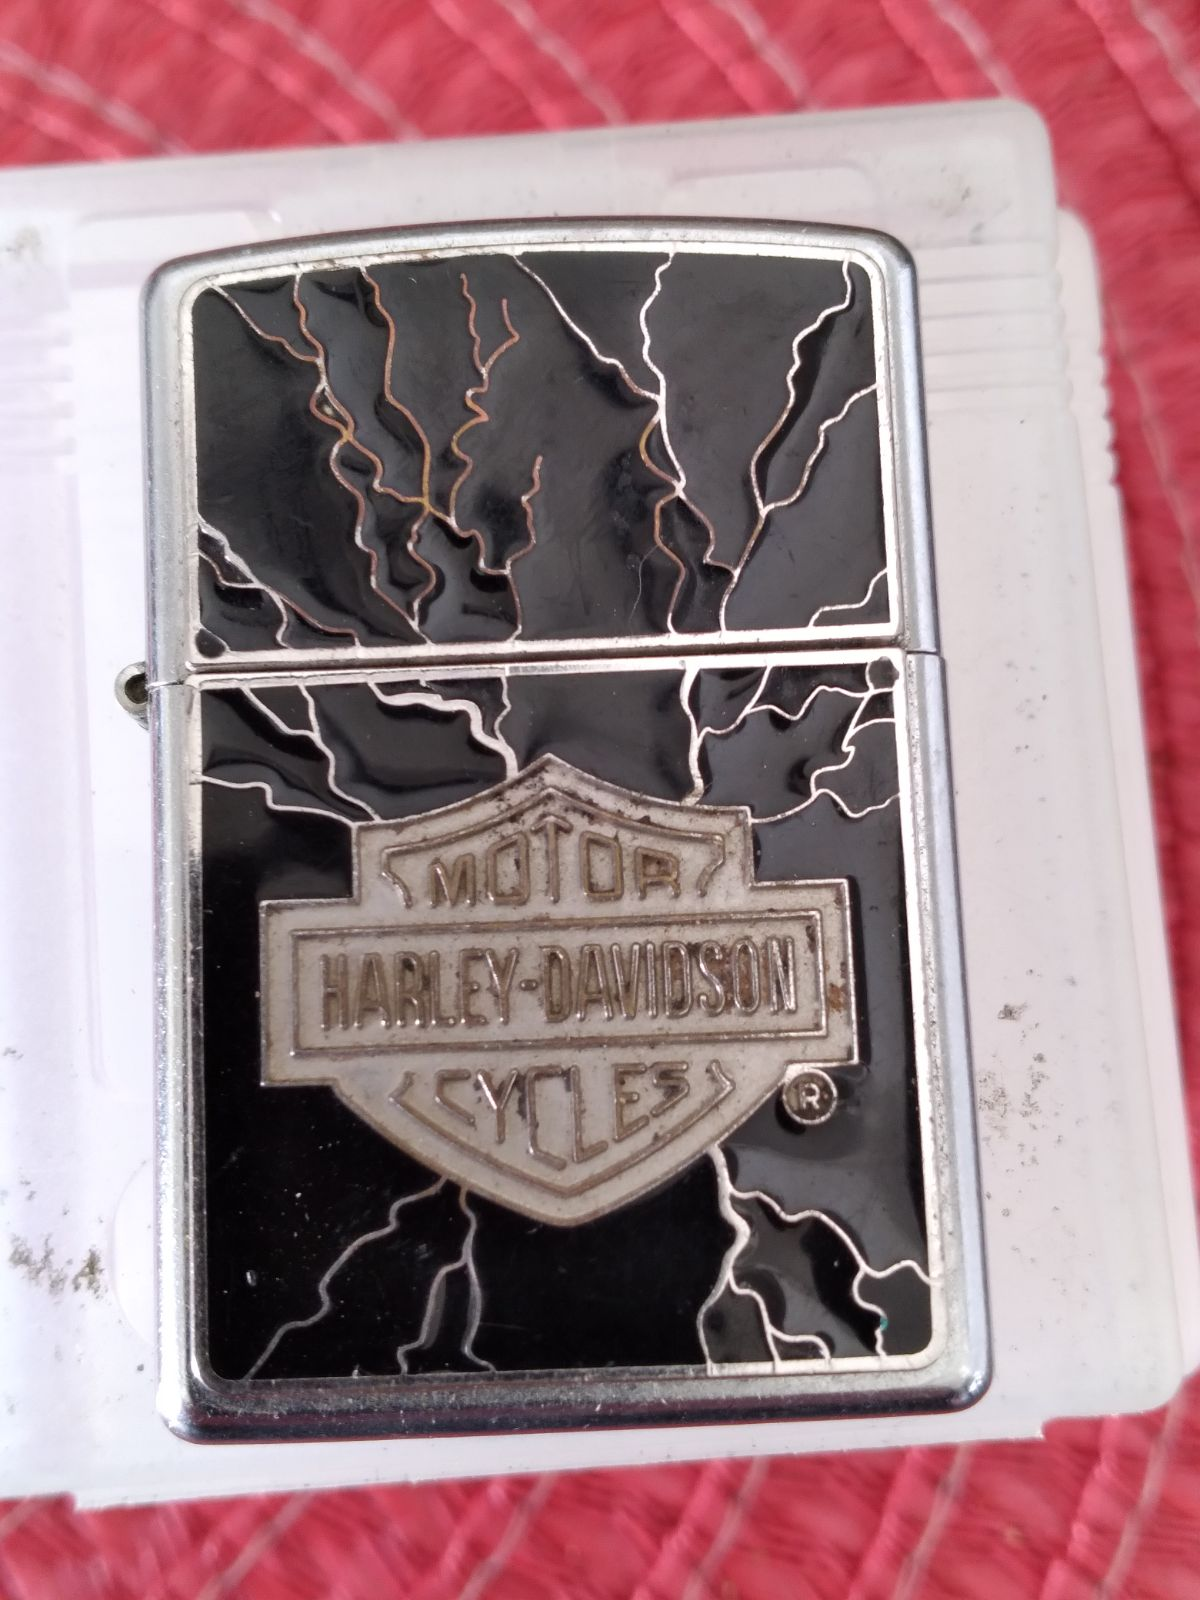 Used Harley Davidson zippo